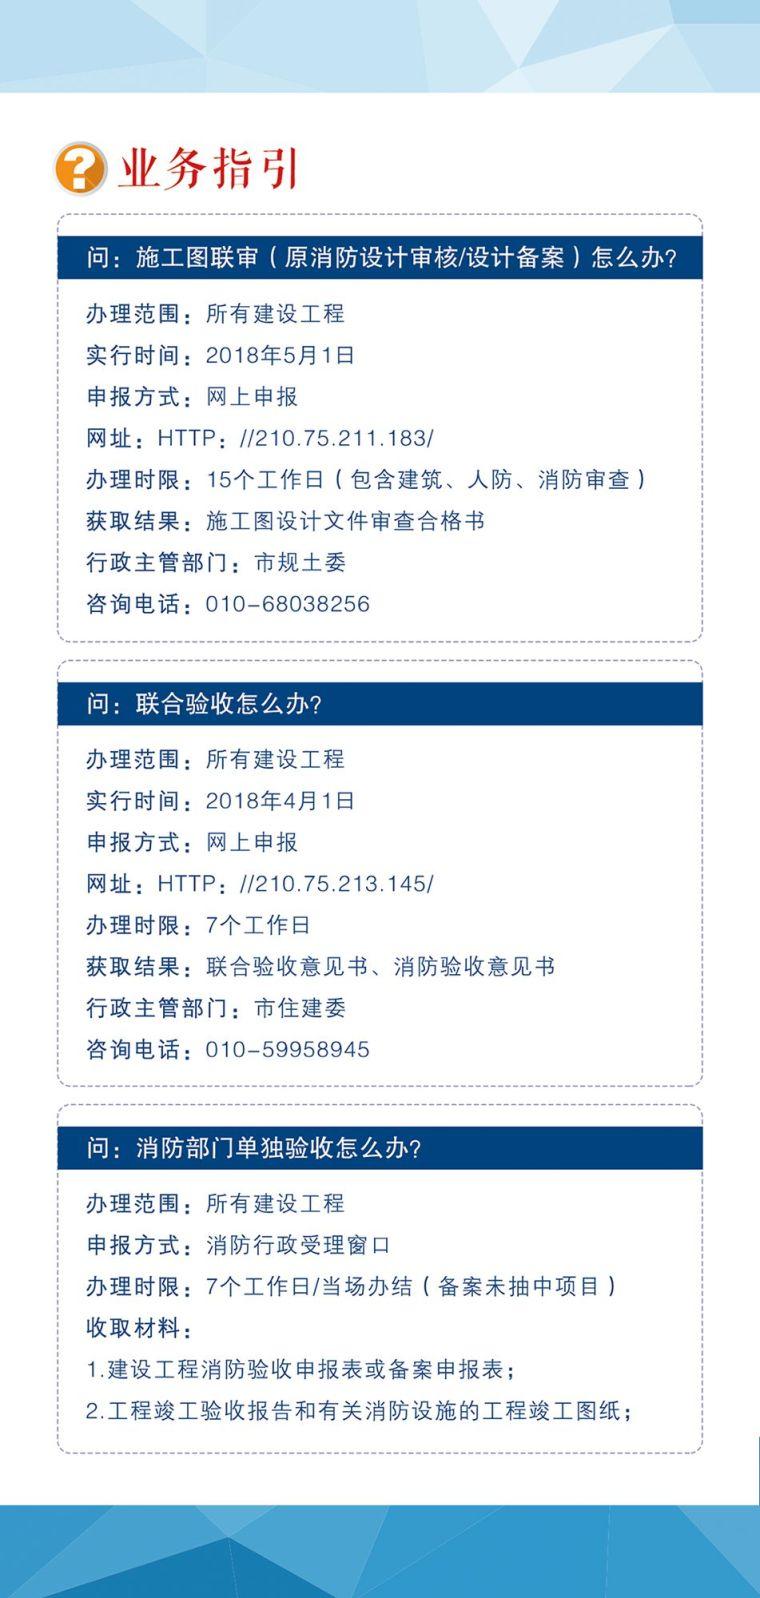 一图读懂|北京消防推出优化营商环境五项便民措施_2